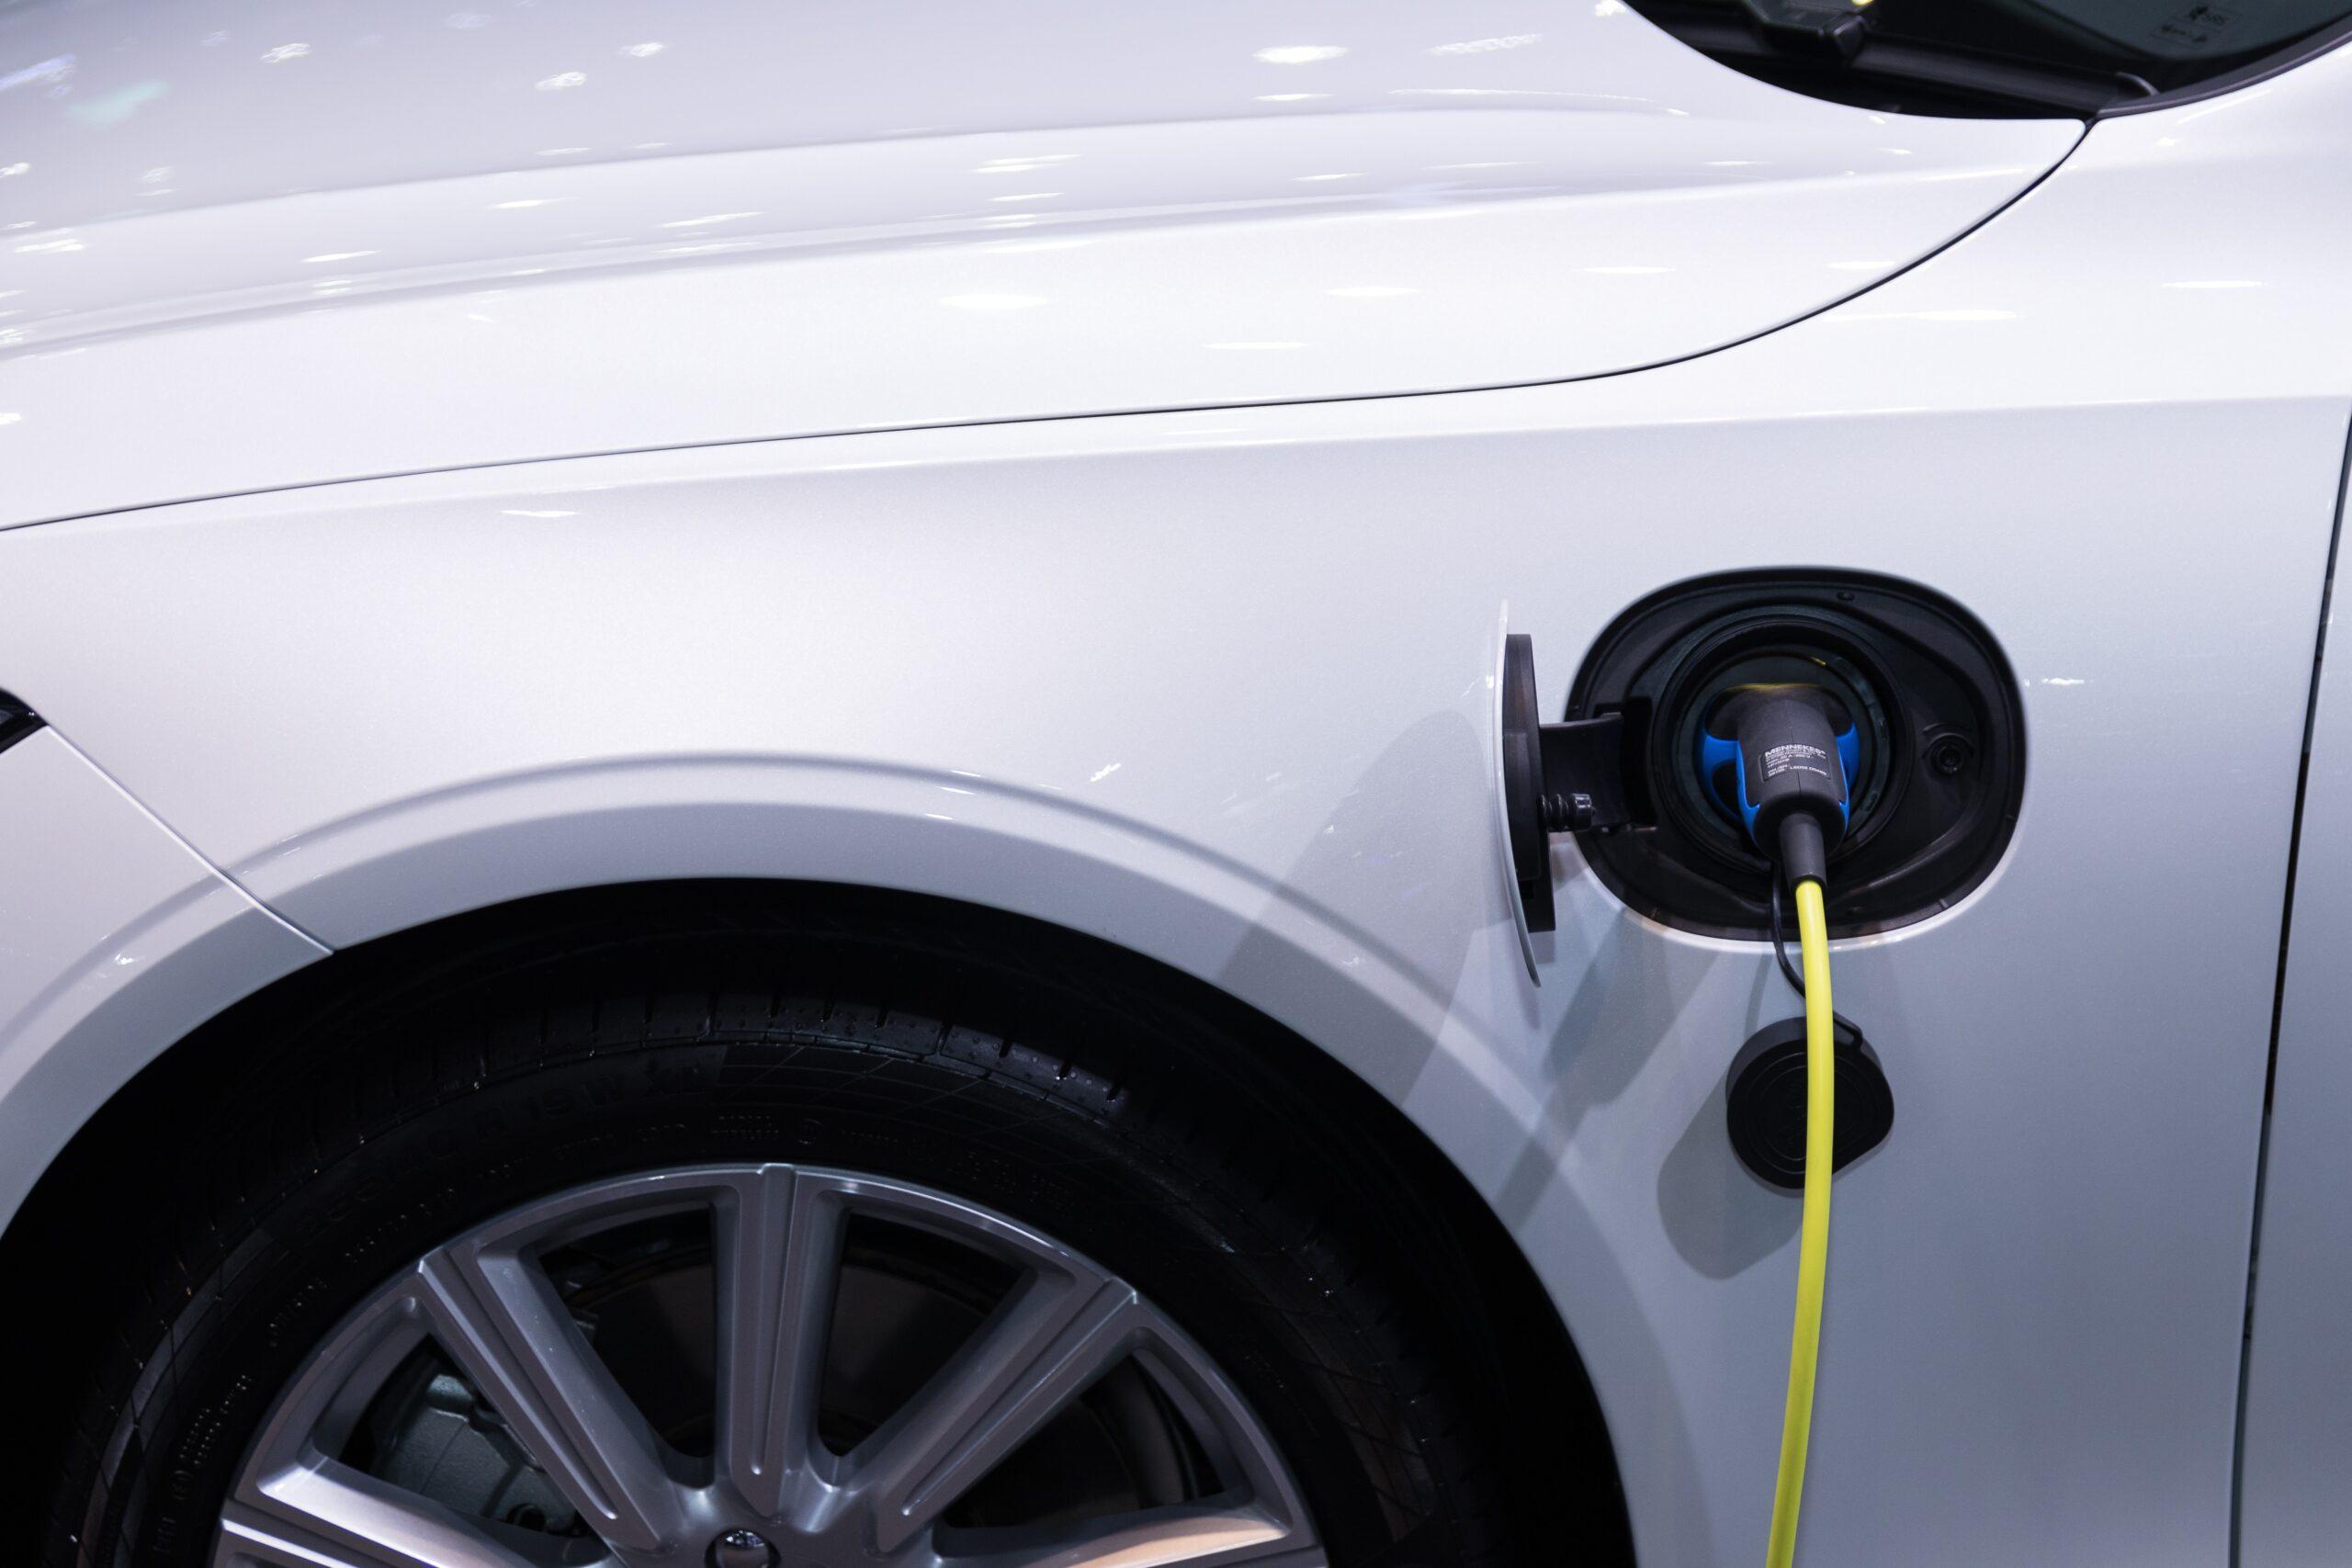 Ηλεκτρικό αυτοκίνητο φορτίζει